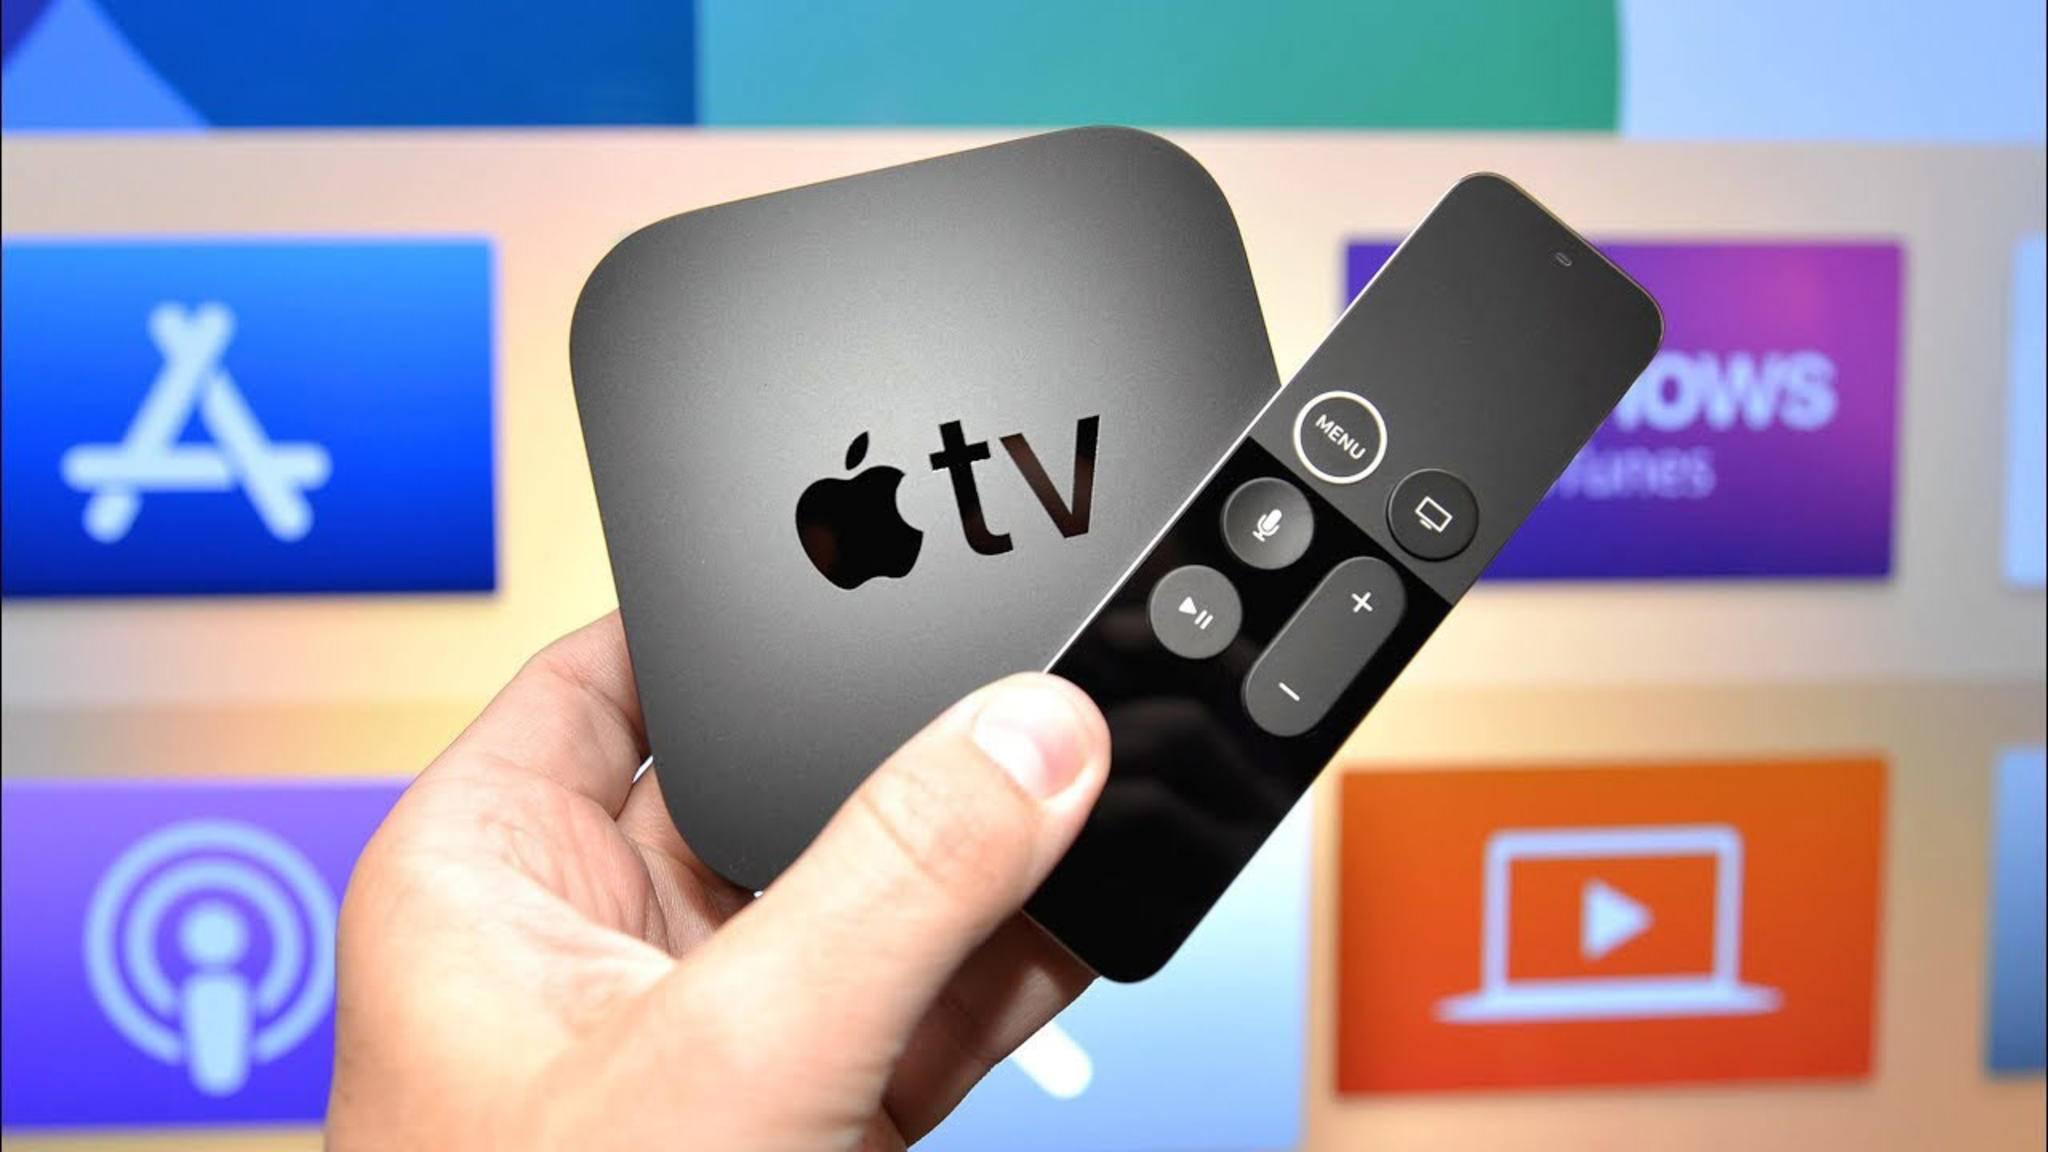 Wir verraten, welche Apps auf jeden Apple TV gehören.